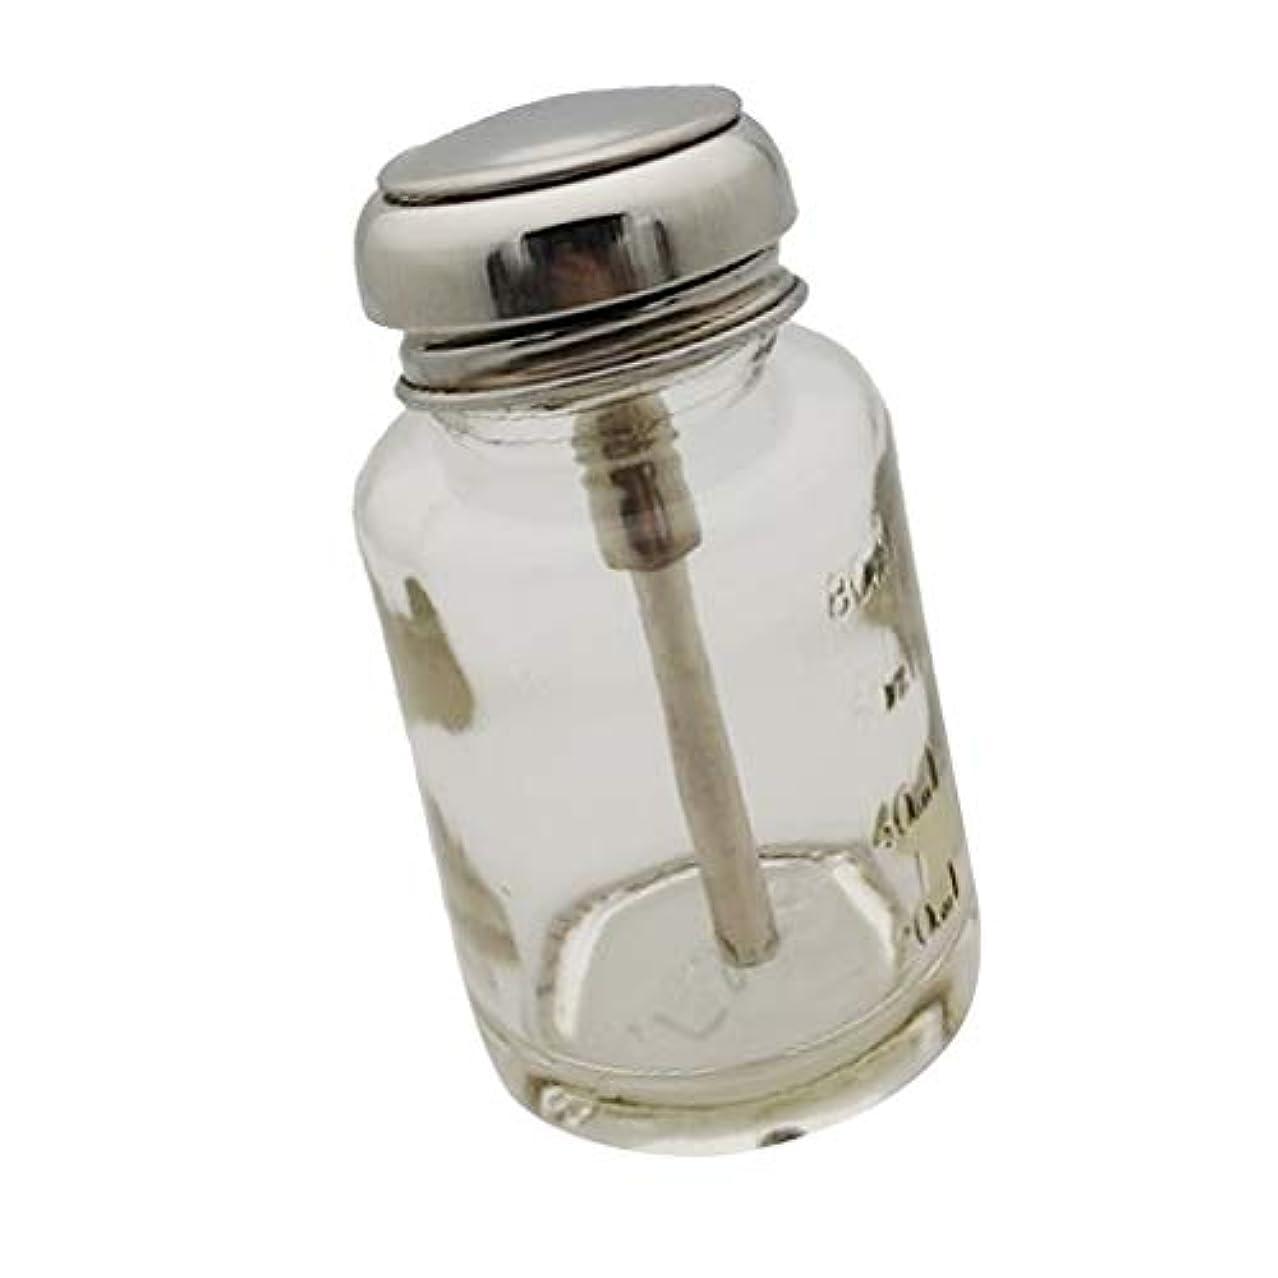 DYNWAVE プレスボトル ガラスボトル 押し下げ ポンプボトル ネイルポリッシュリムーバー メイク落とし ディスペンサー